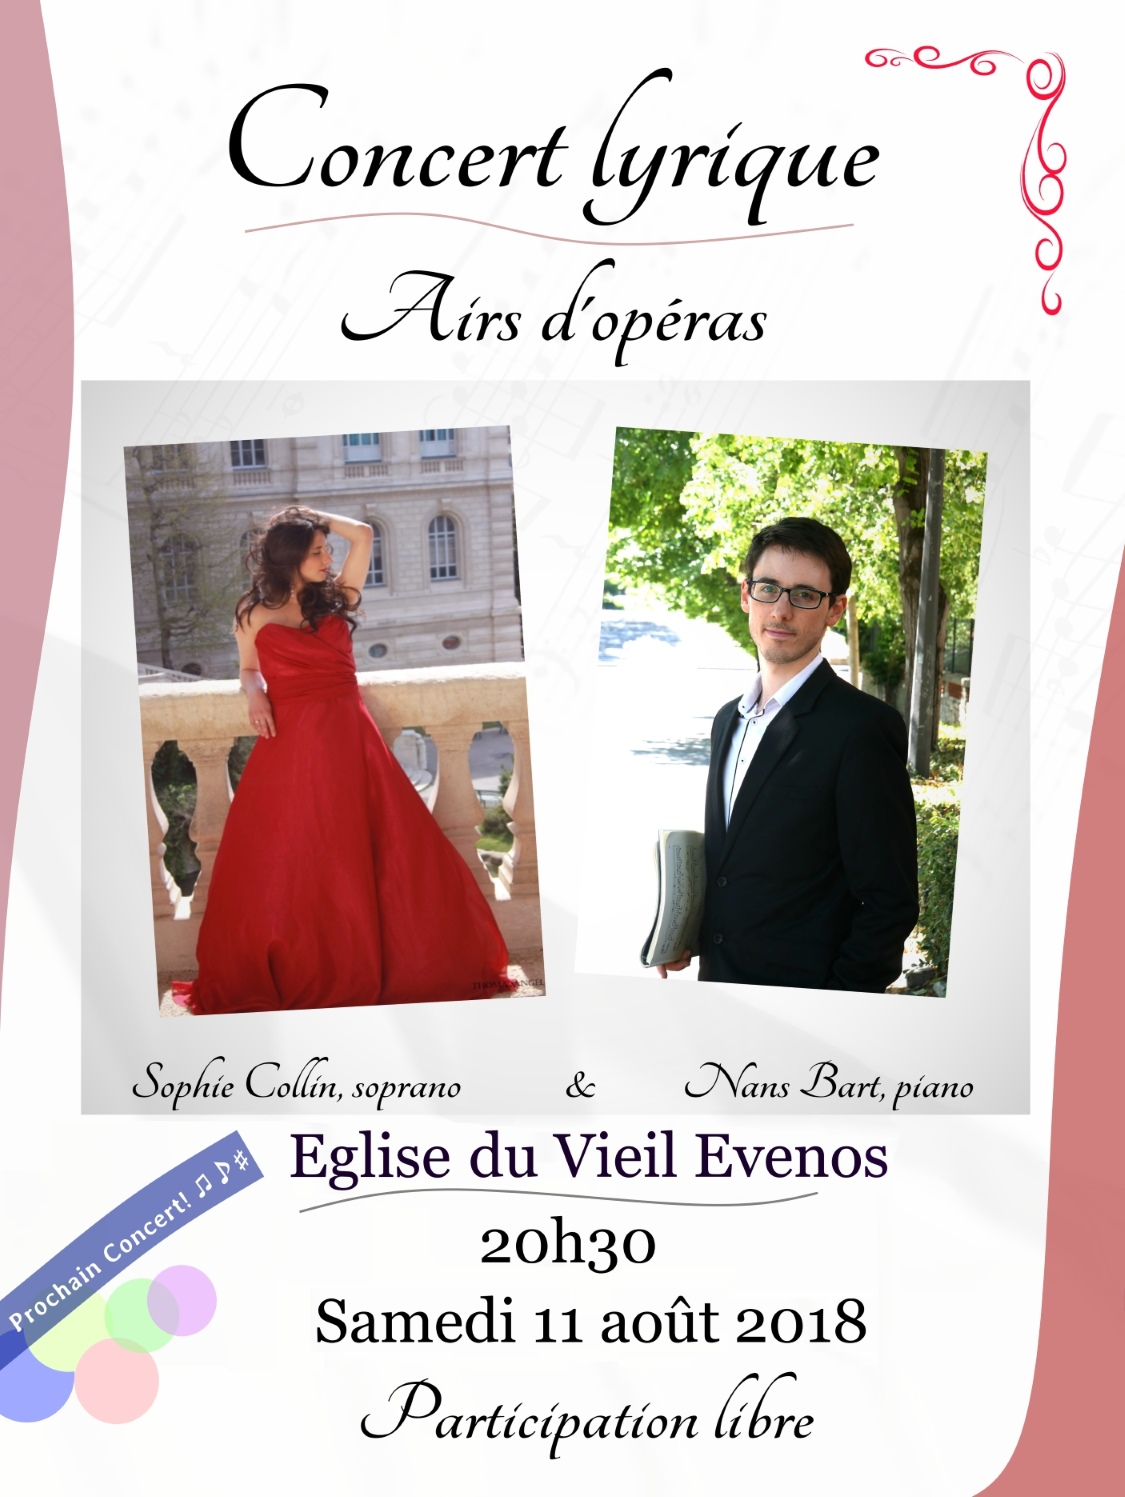 Concert à Evenos le 11 août 2018 à 20h30